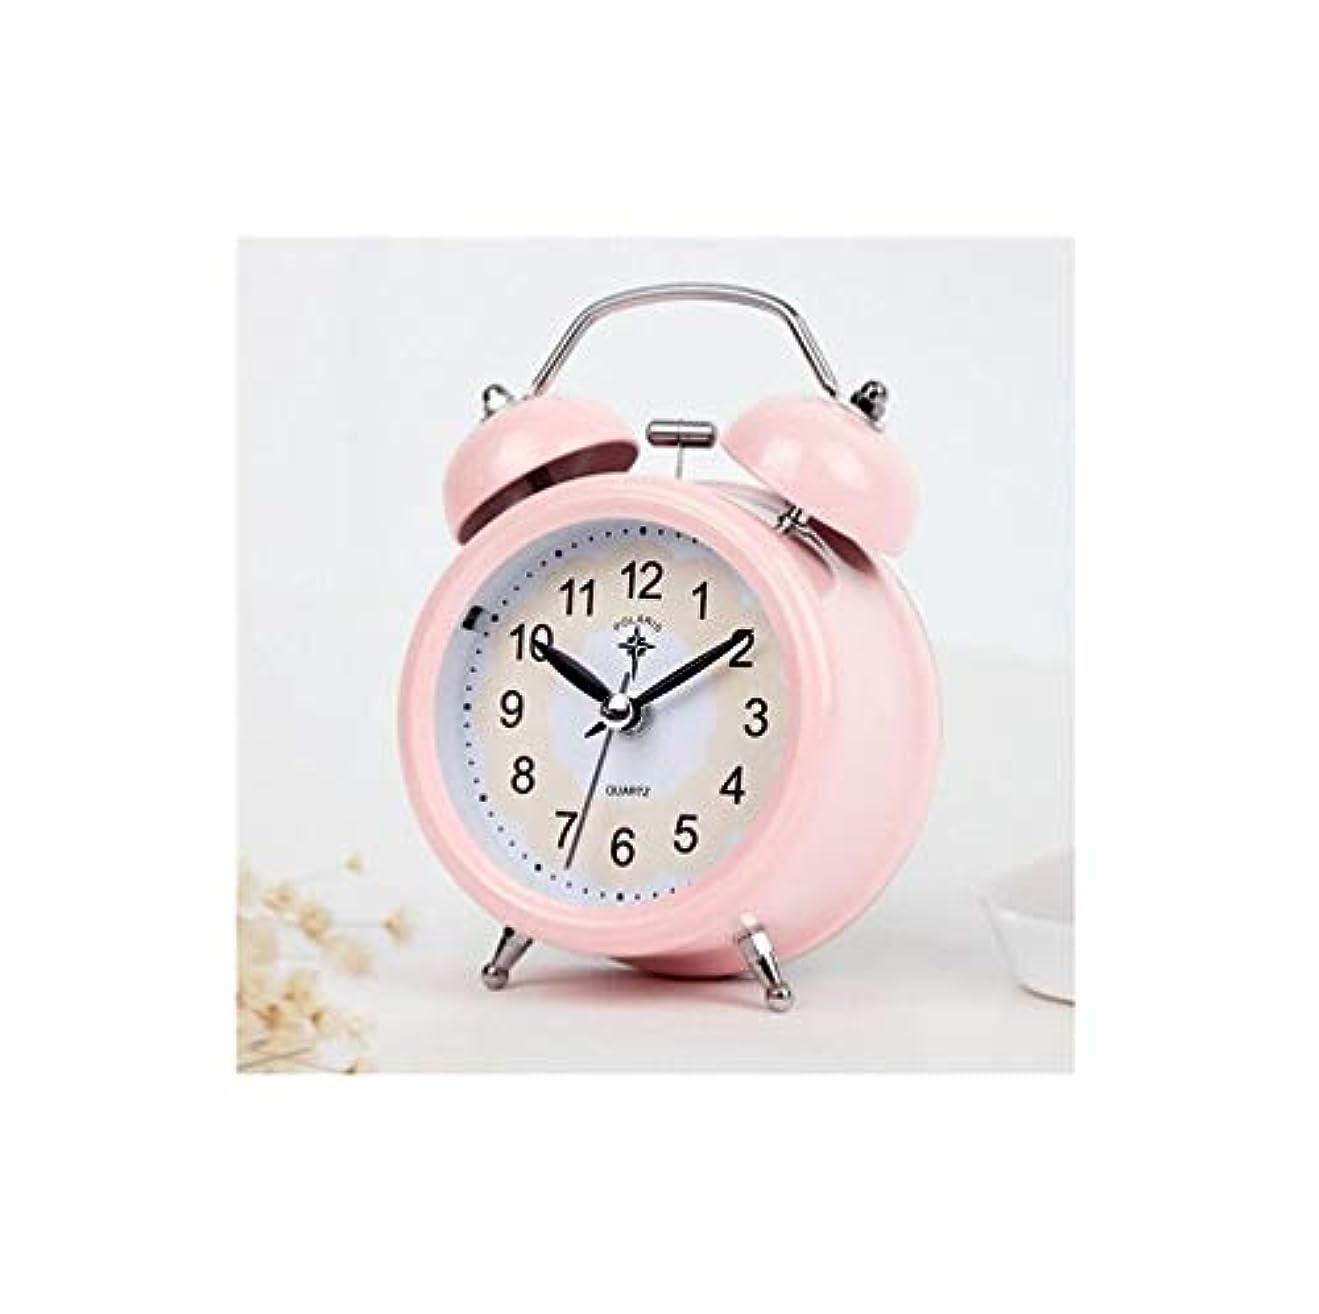 熟読褐色グラフKaiyitong001 目覚まし時計、ナイトライトミュートクォーツ人格目覚まし時計、創造的な学生ダブルベルアラーム、金属寝室のベッドサイドベルアラームテーブル、青 (Color : Pink)